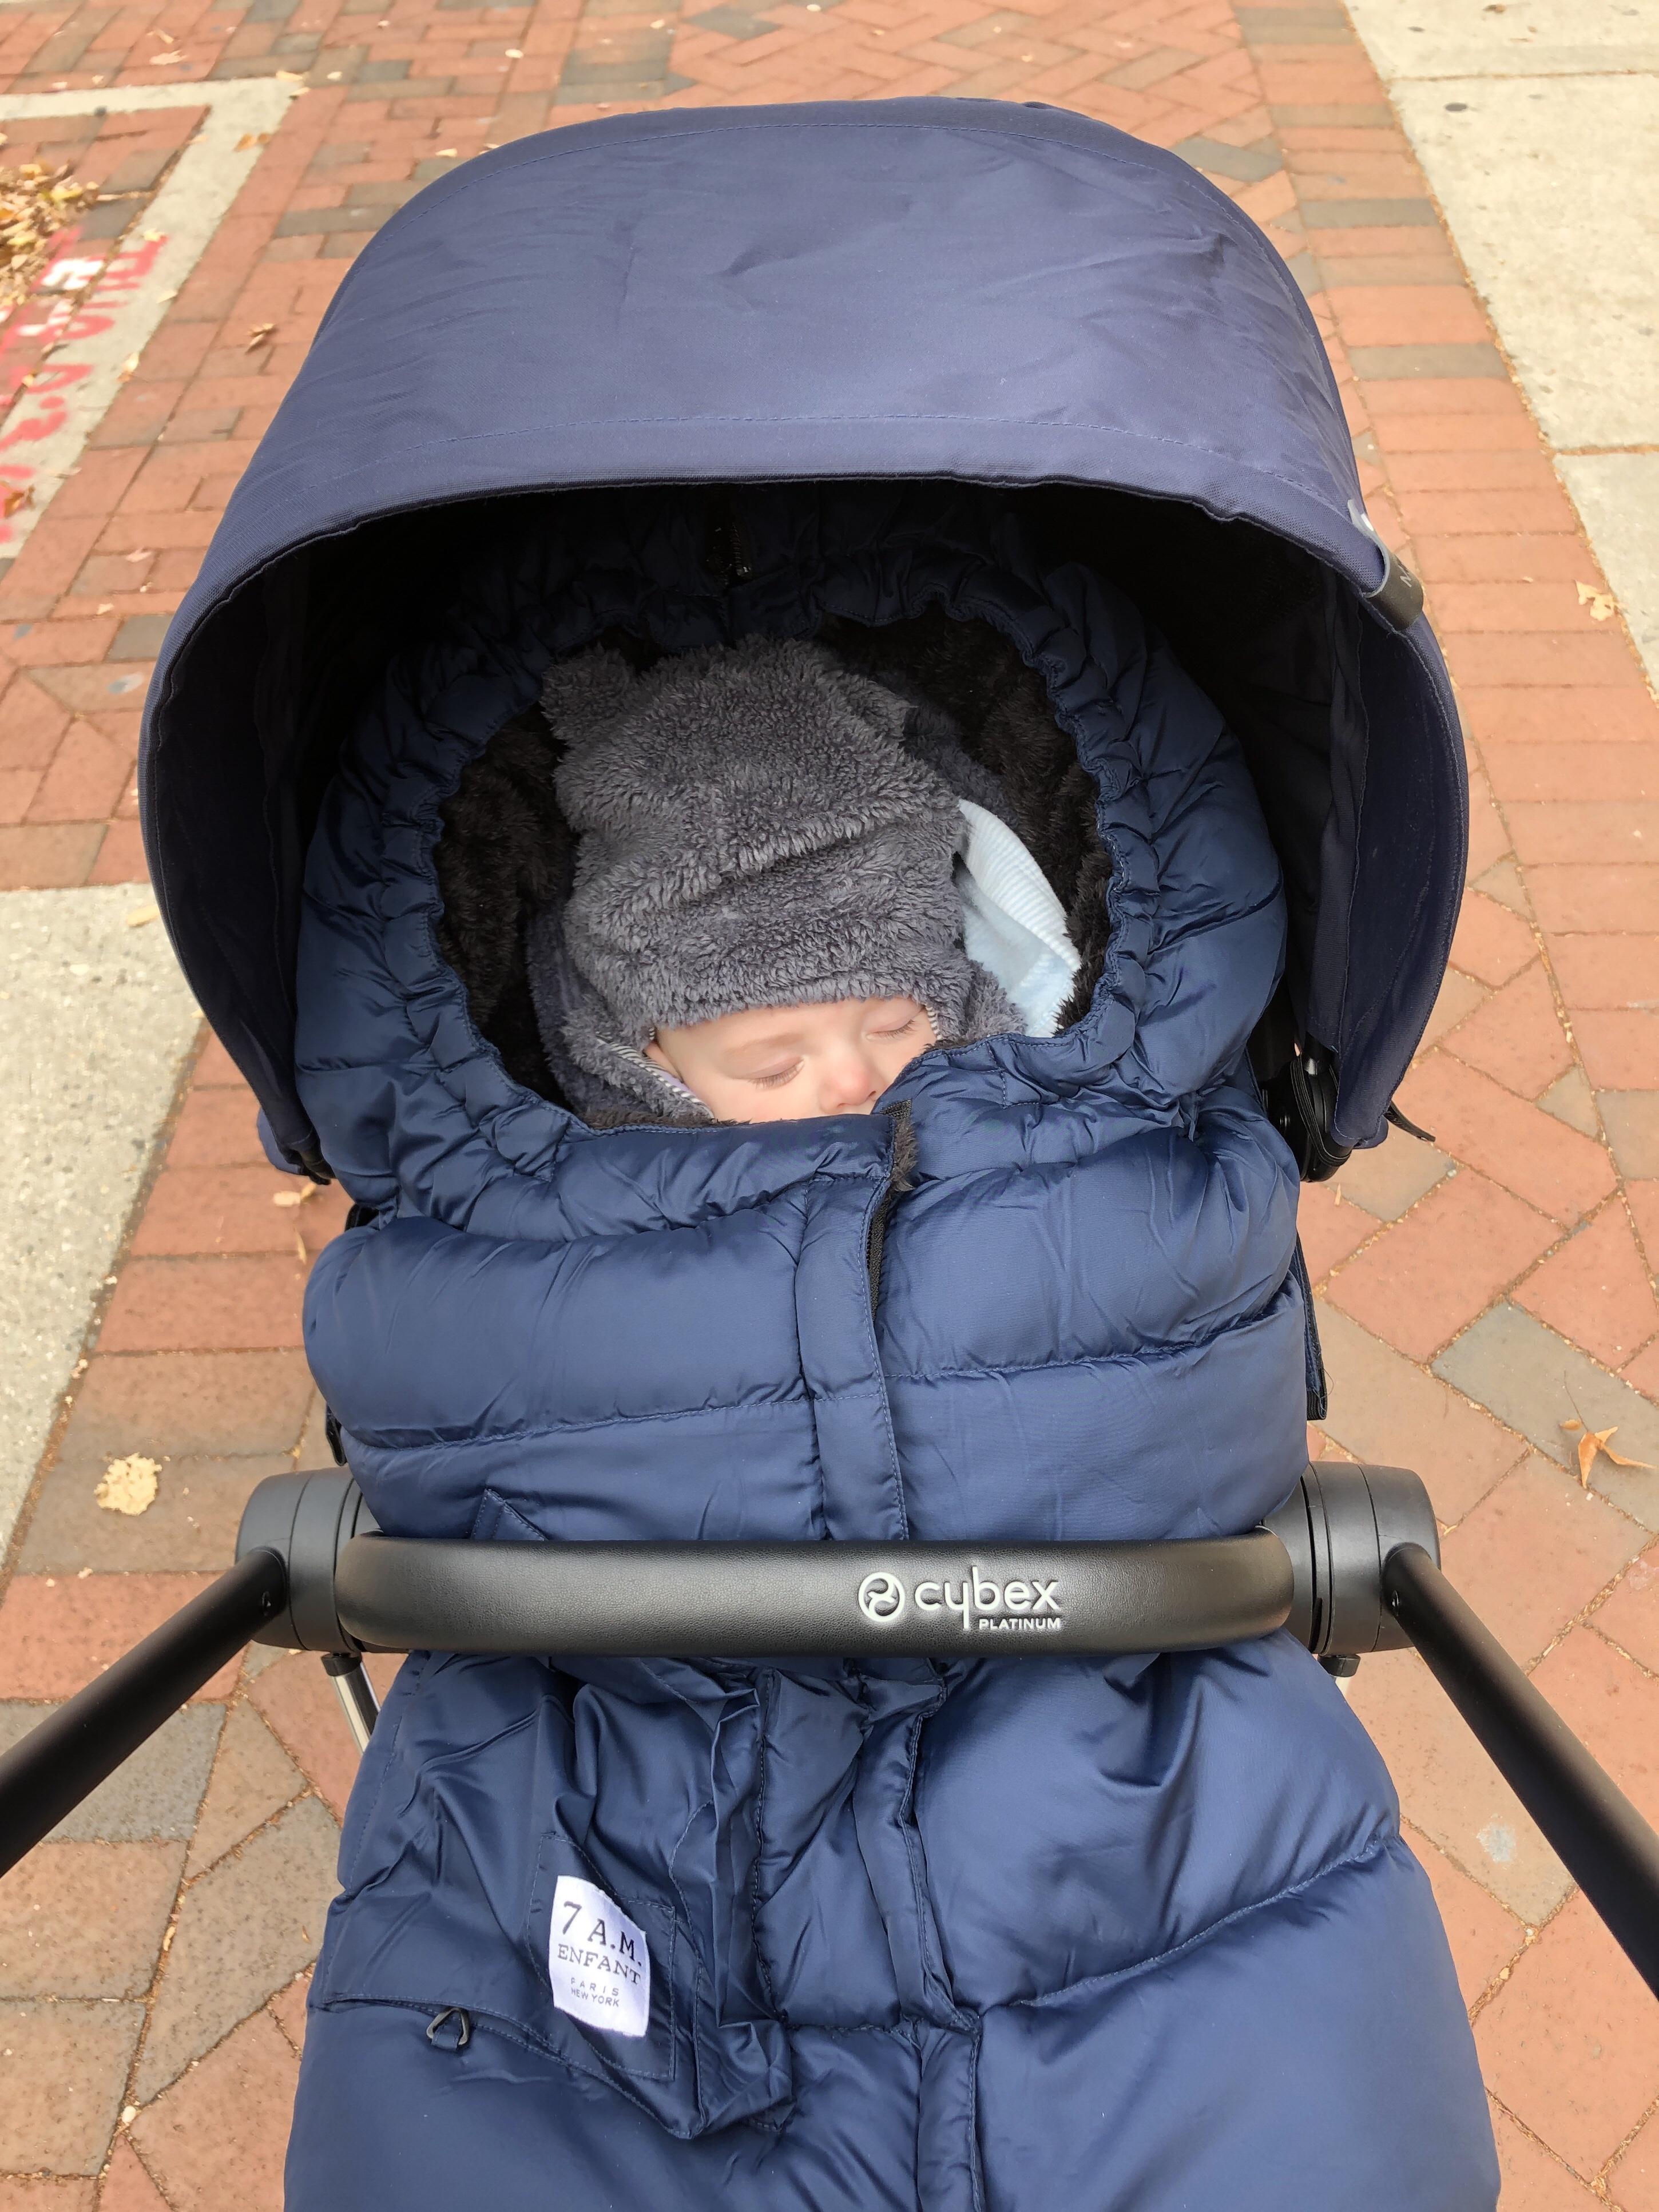 Brendan in his stroller in Richmond, Virginia